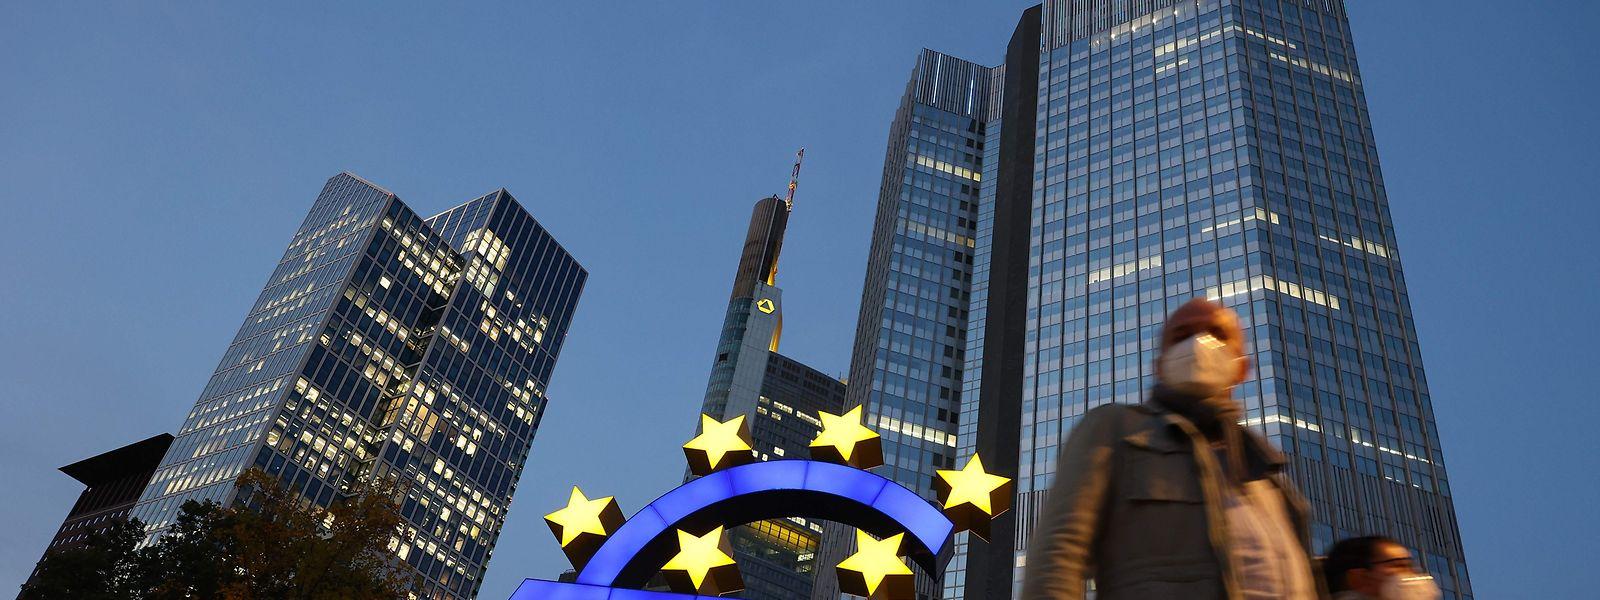 Nach fast zwei Jahrzehnten gibt sich die Europäische Zentralbank neue Leitlinien bei ihrer Geschäftspolitik.